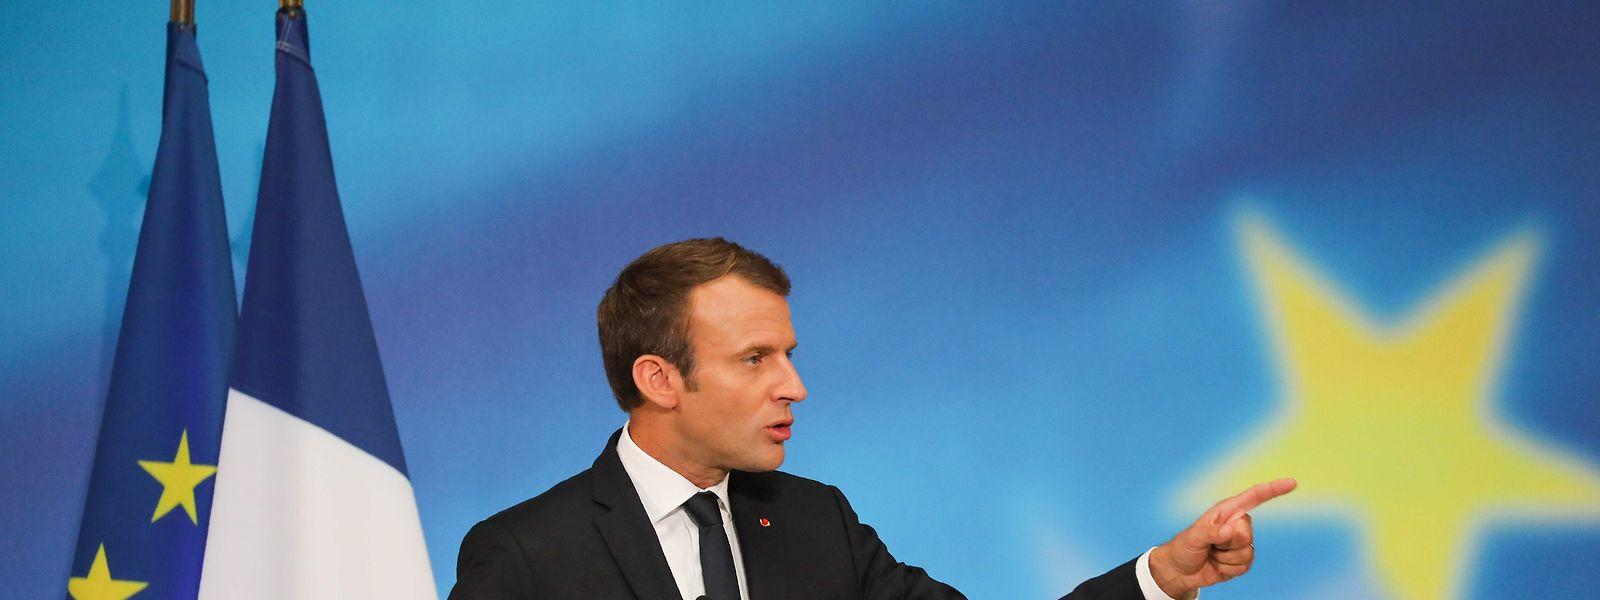 """Emmanuel Macron fordert eine """"gemeinsame strategische Kultur"""" im Verteidigungsbereich."""